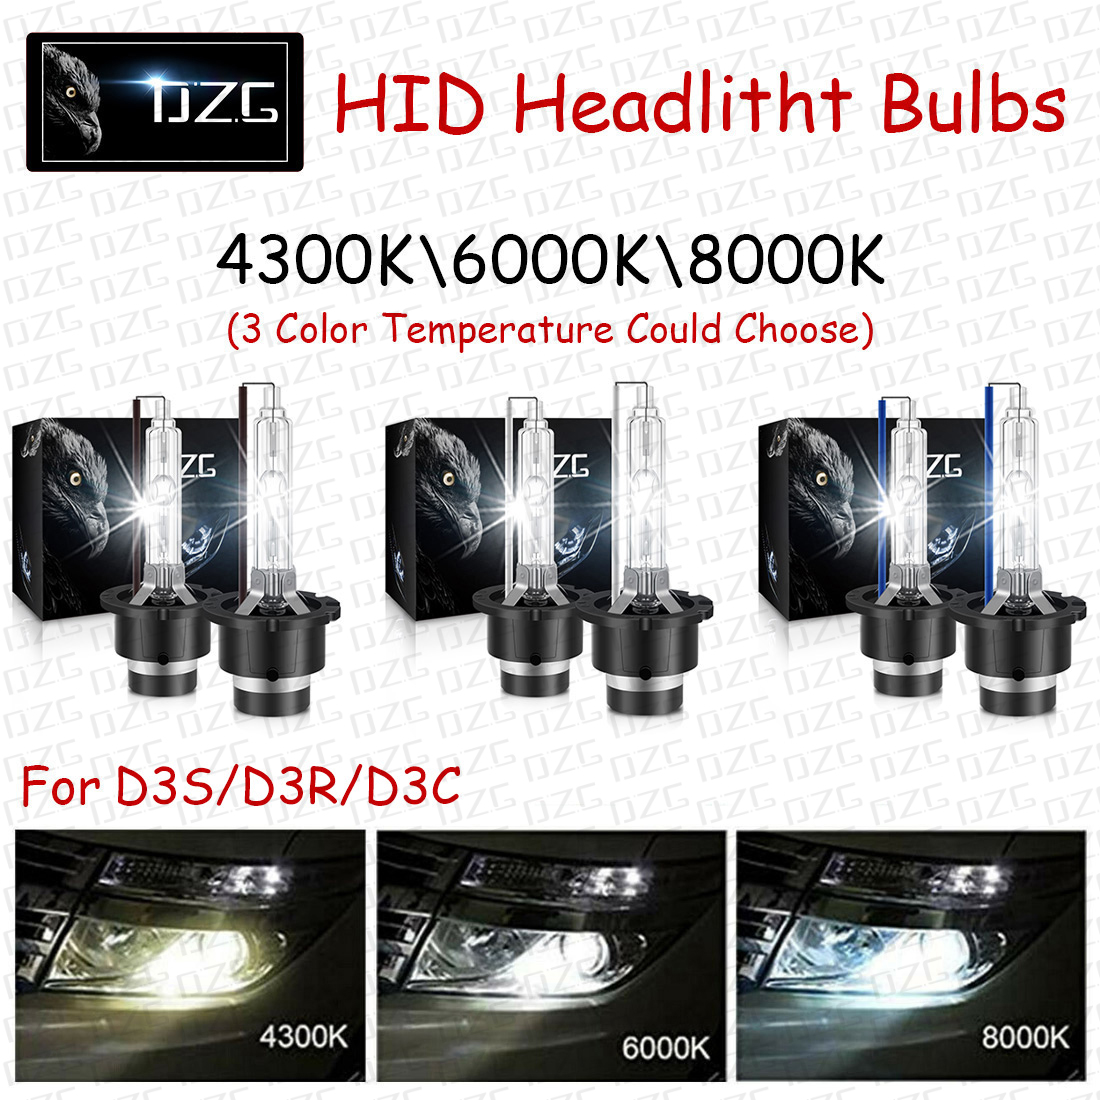 2x D3S//D3R//D3C OEM HID Xenon Headlight Bulbs Lamps 8000K 12V 35W